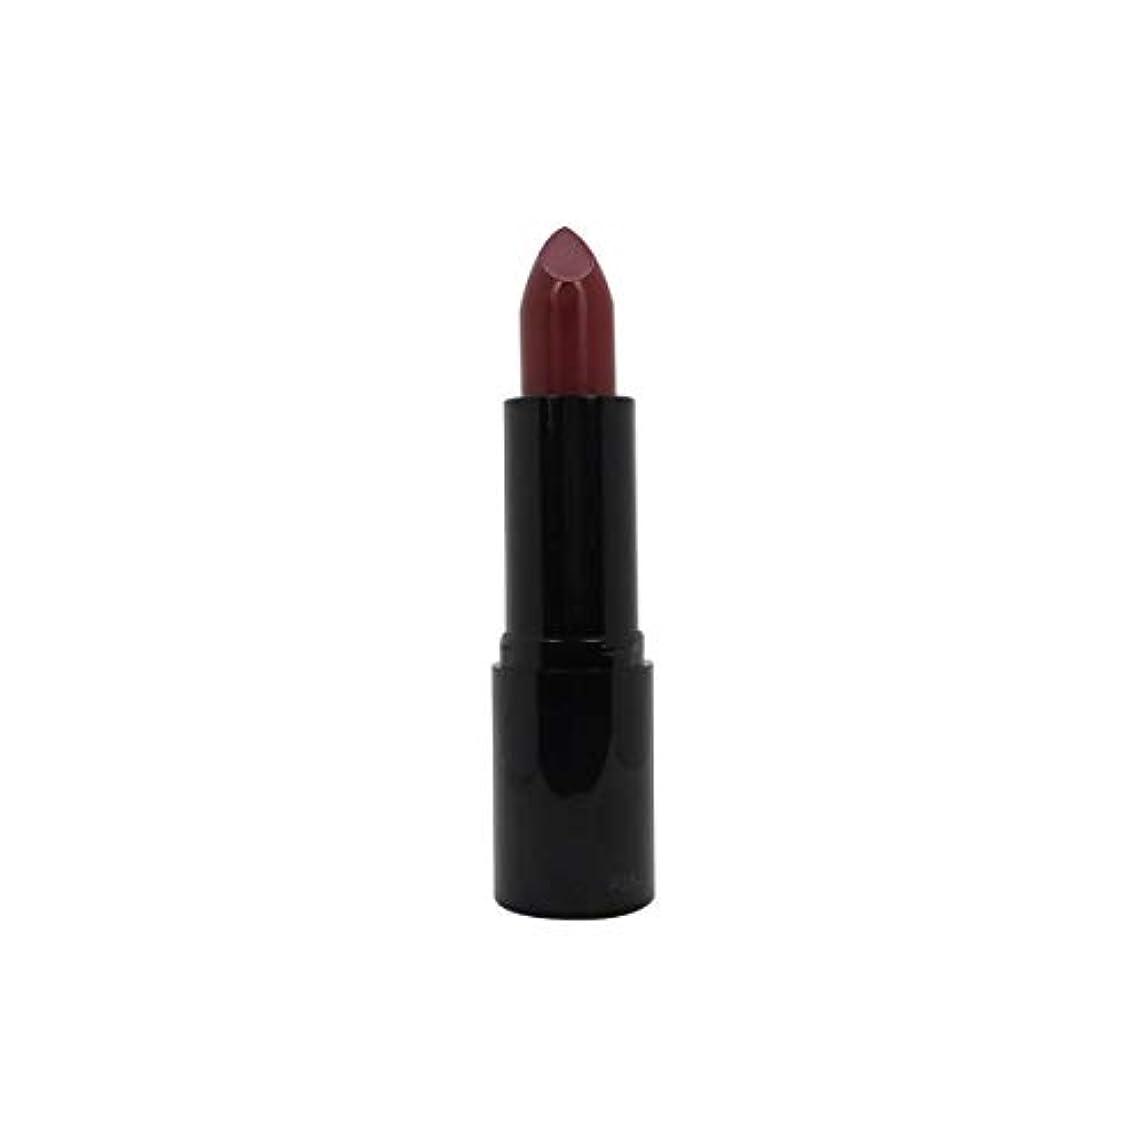 キャンドルフォーム薄いですSkinerie The Collection Lipstick 09 Crazy Nuts 3,5g